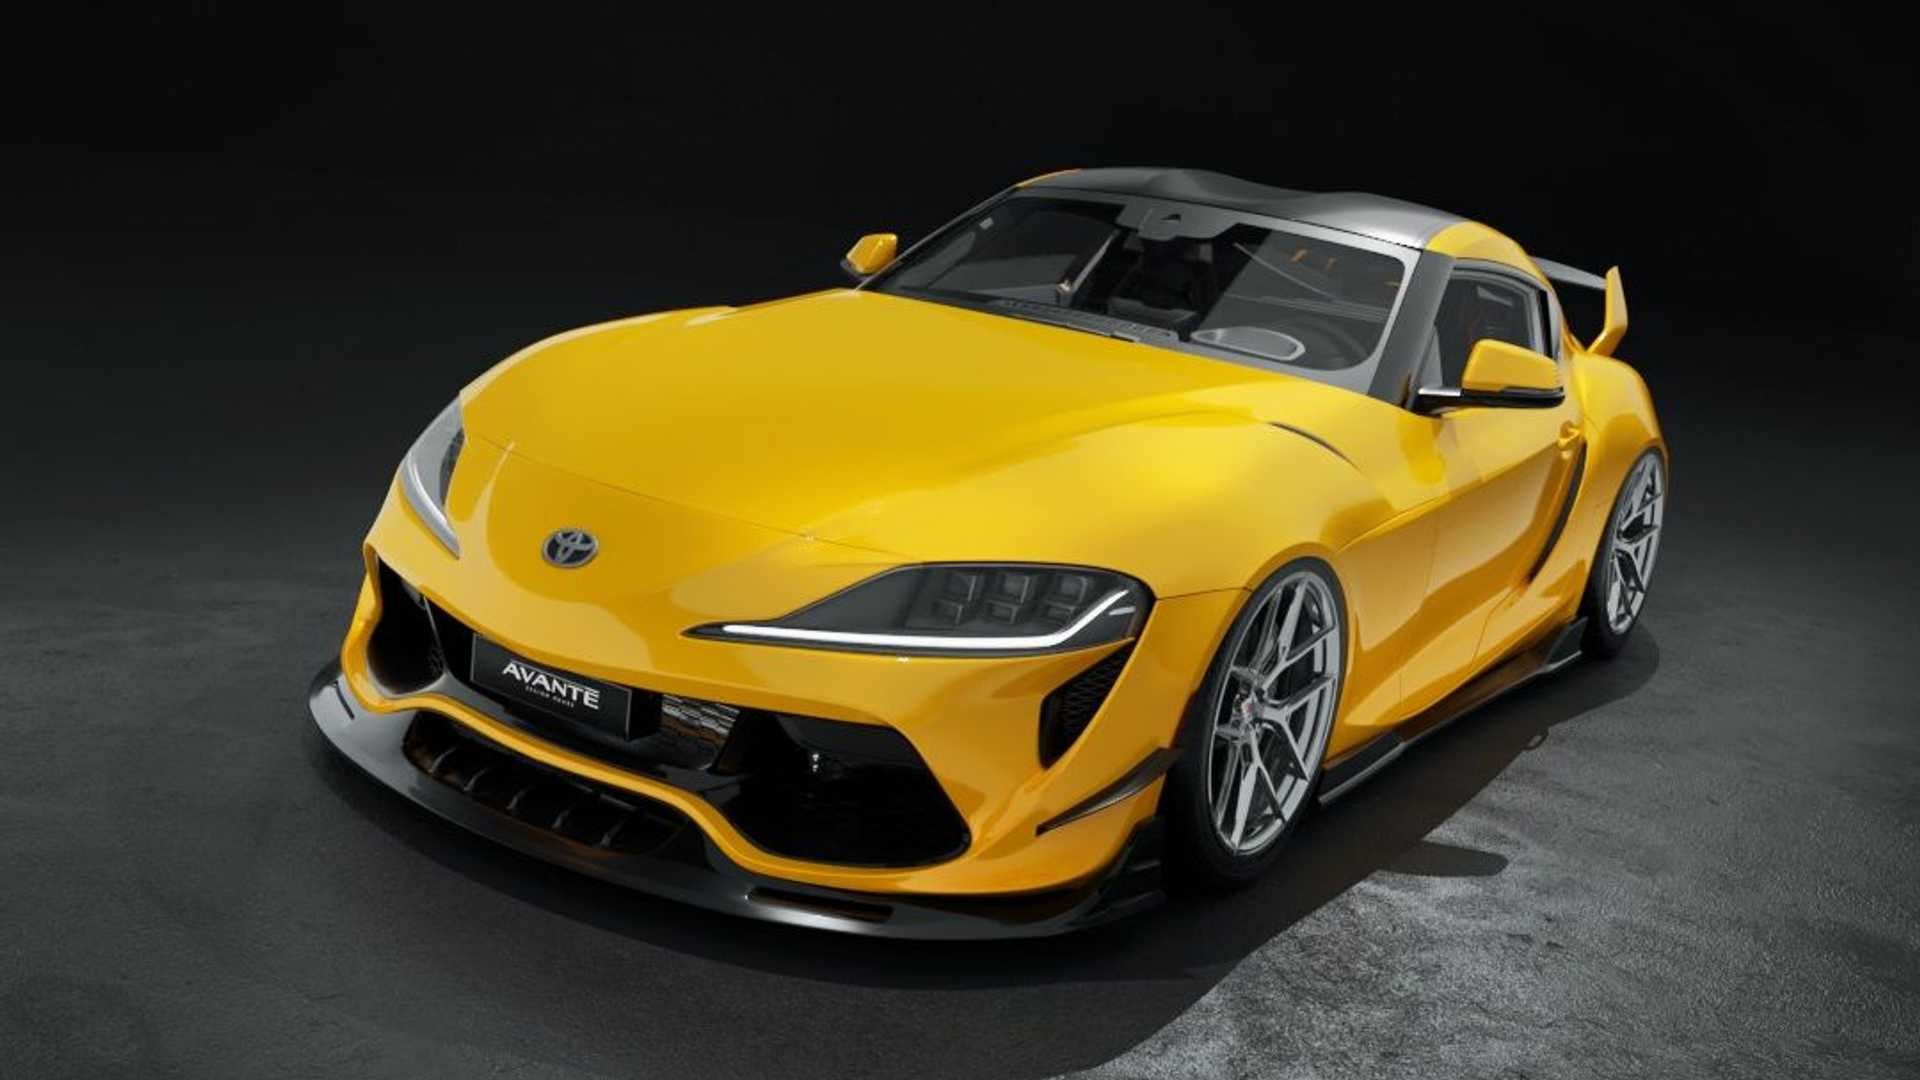 Toyota-Supra-by-Avante-Design-2